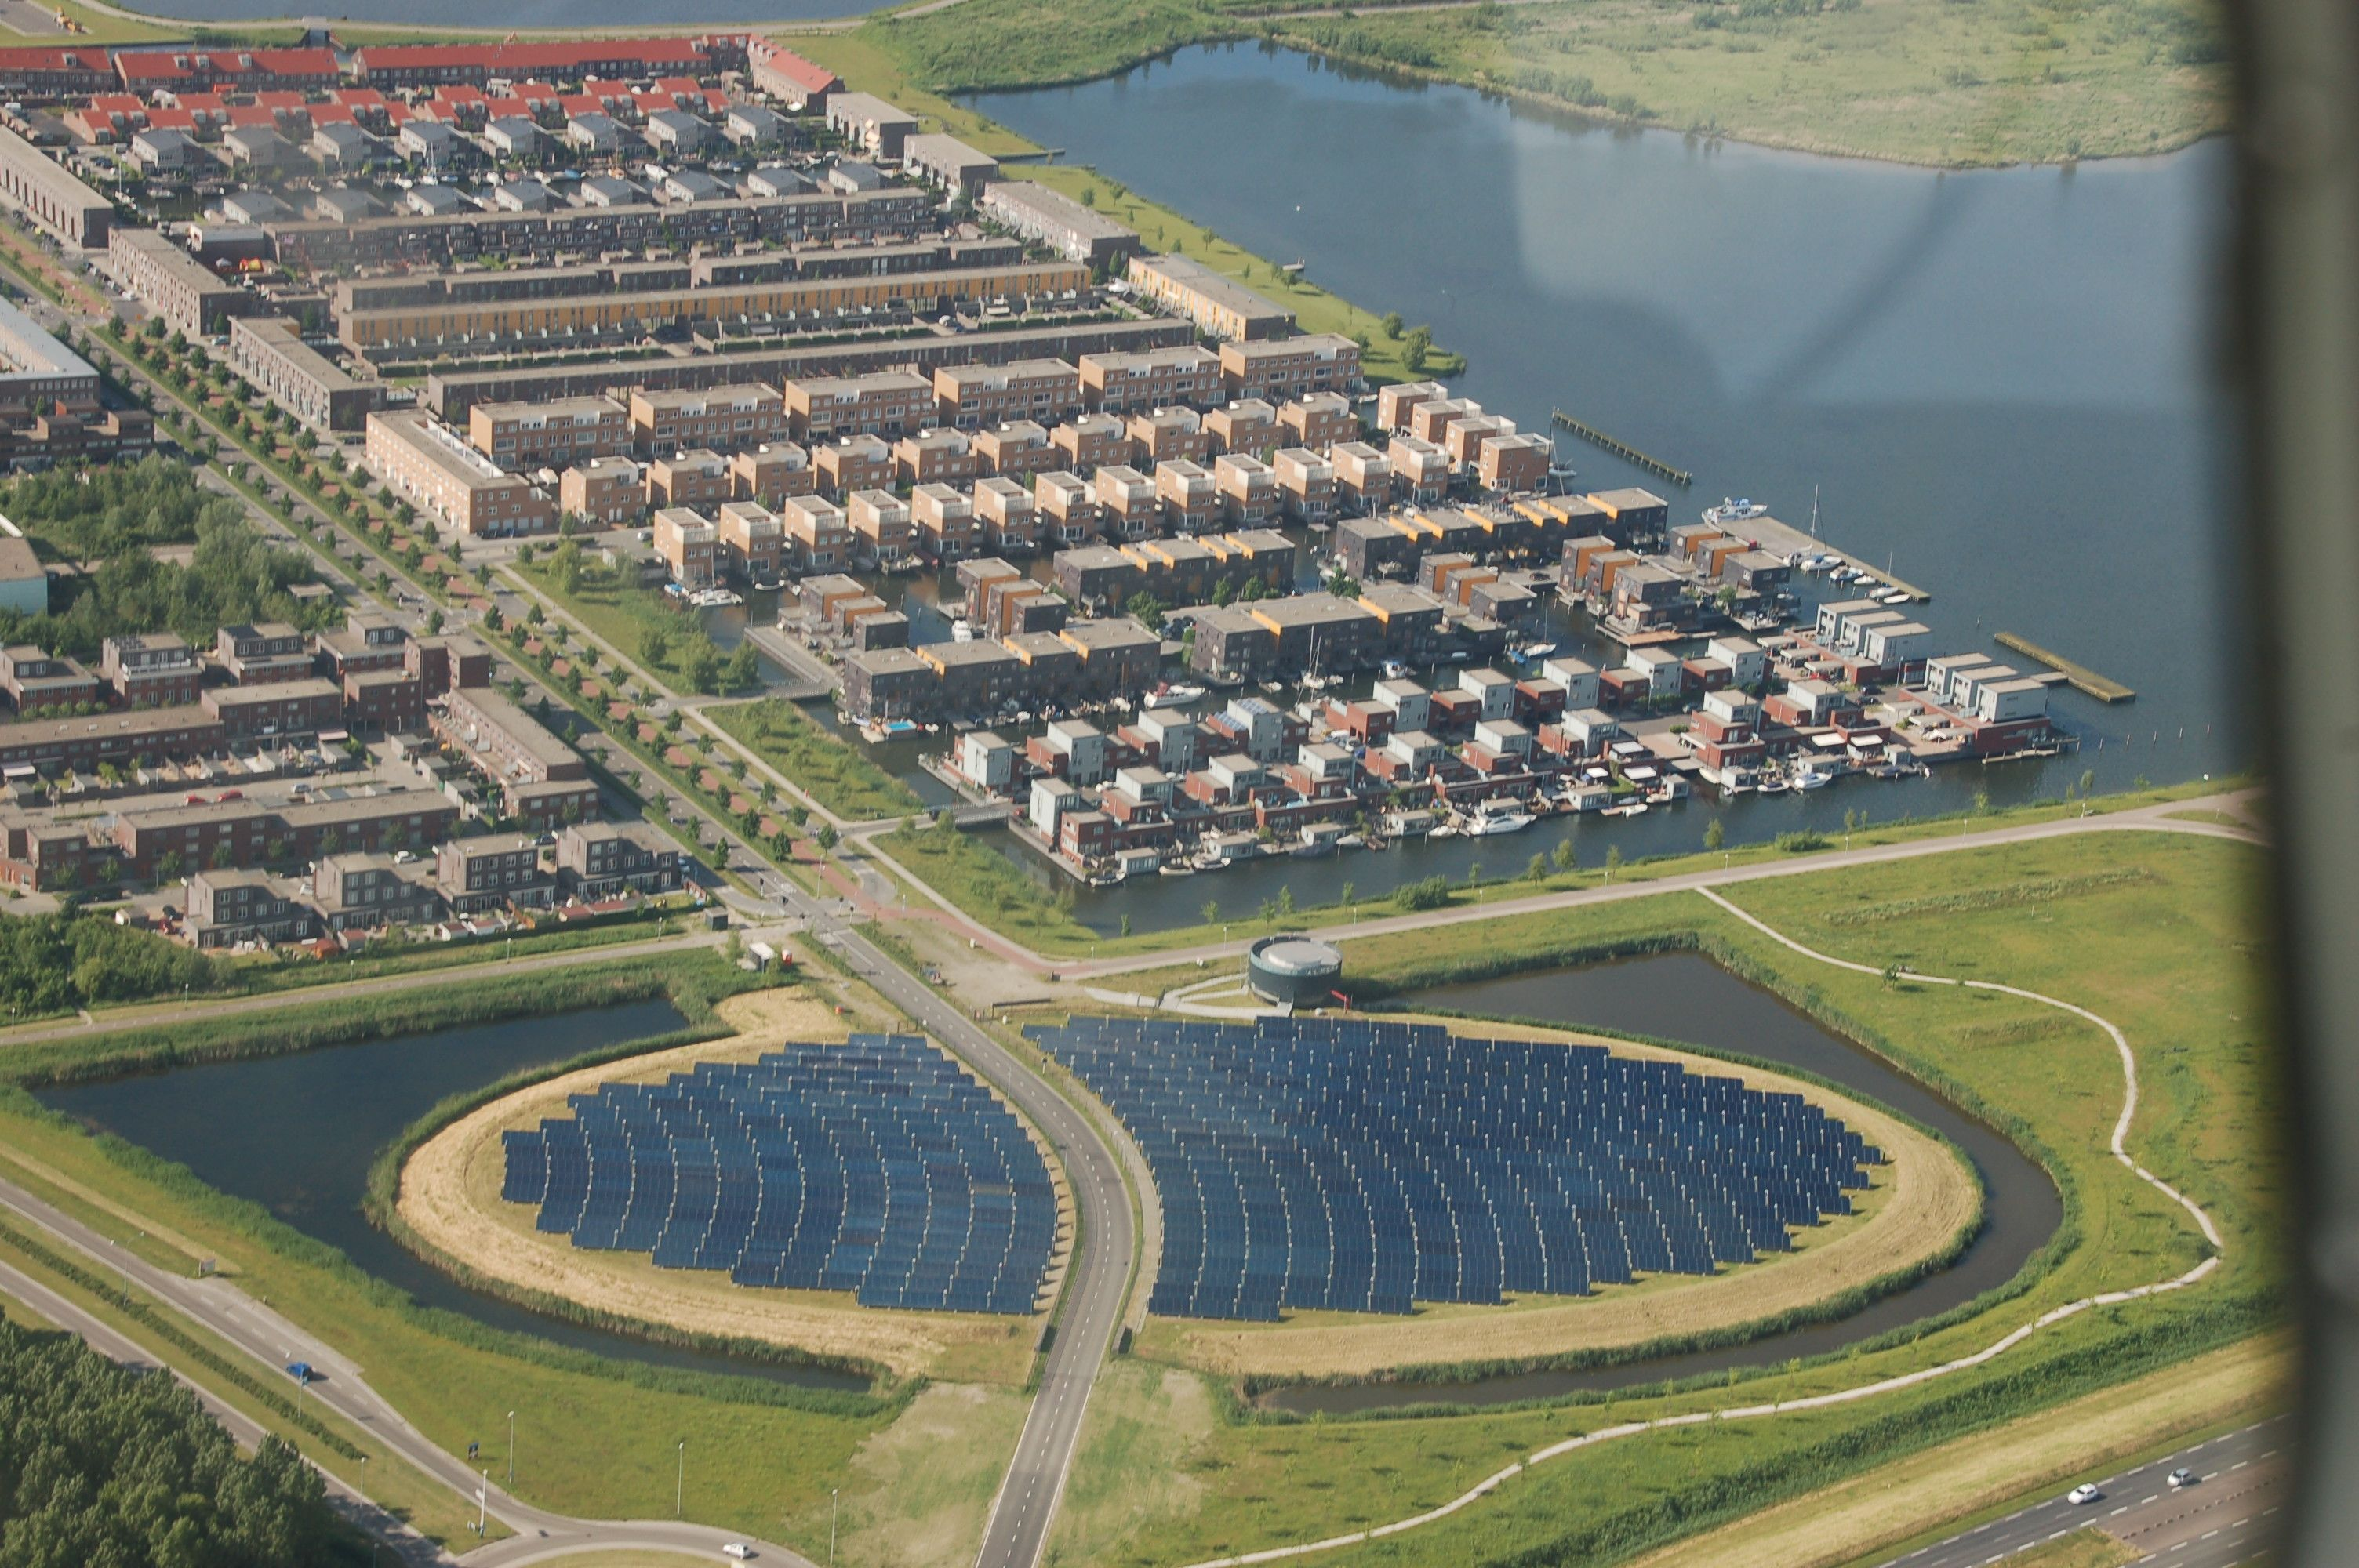 Auch das ist Abwechslung: Als Kontrast zu den linear angelegten Siedlungen ist die Straße gebogen und der nachhaltige Energieversorgungspark oval